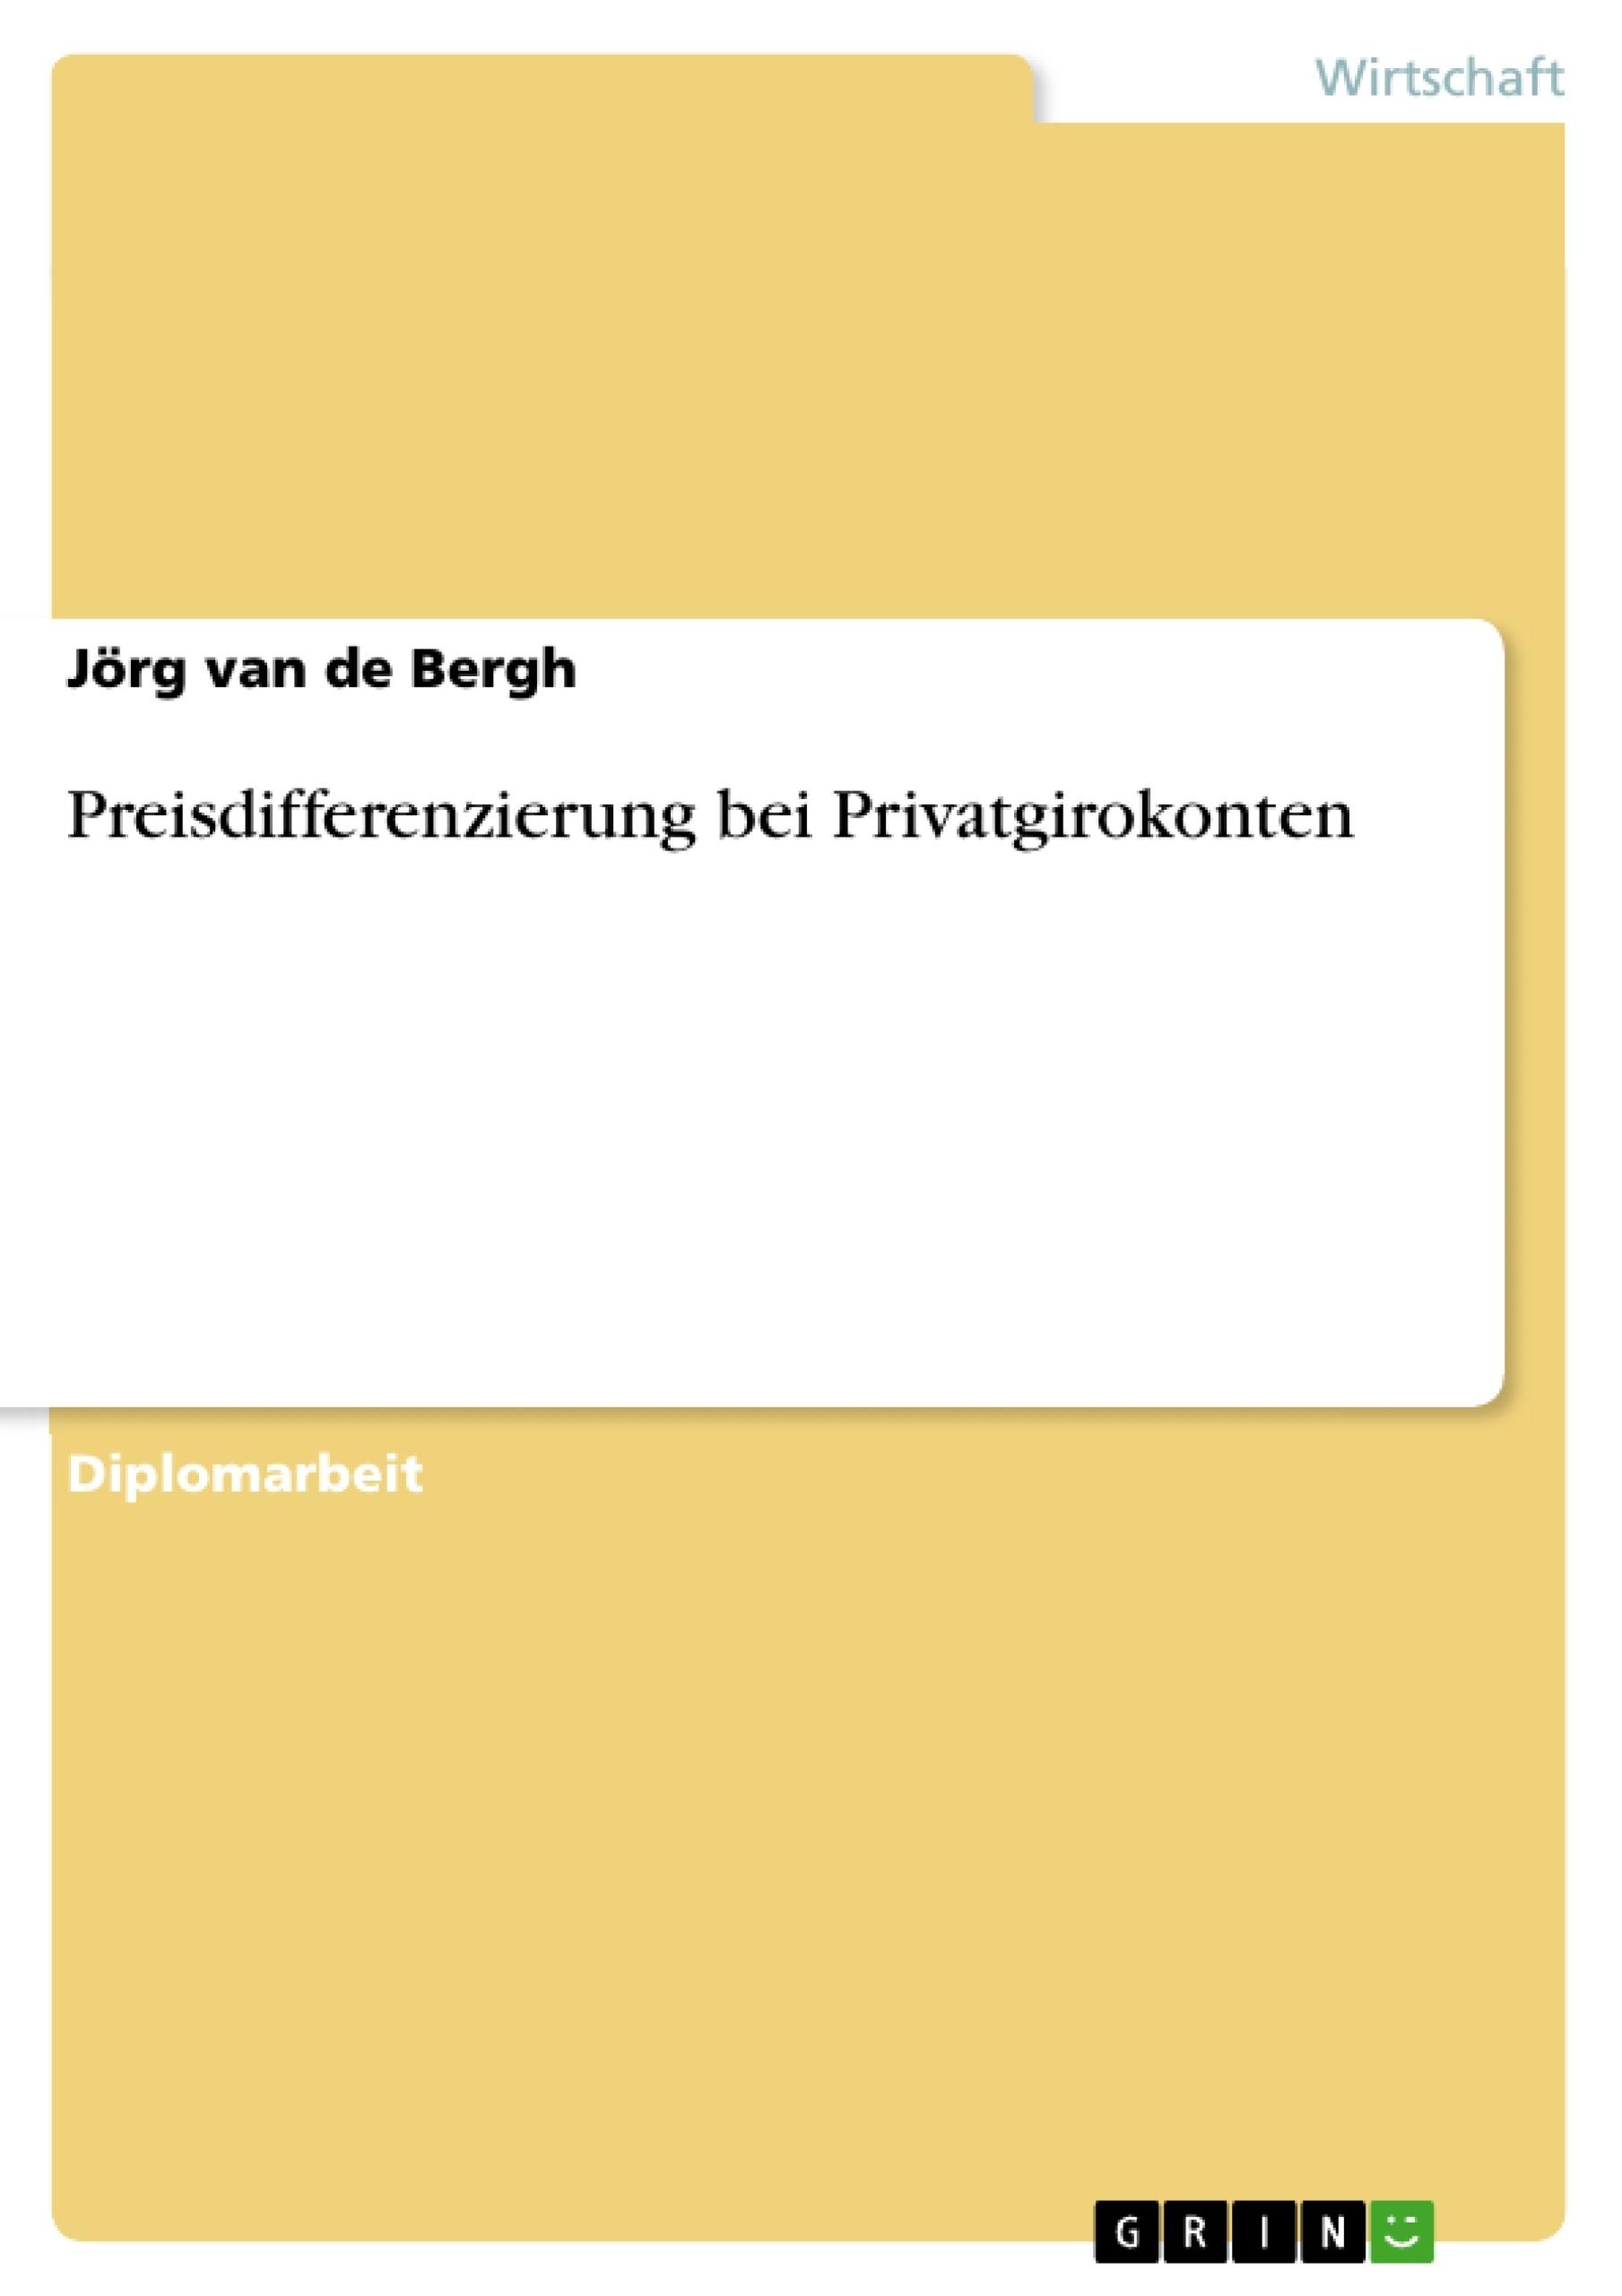 Titel: Preisdifferenzierung bei Privatgirokonten